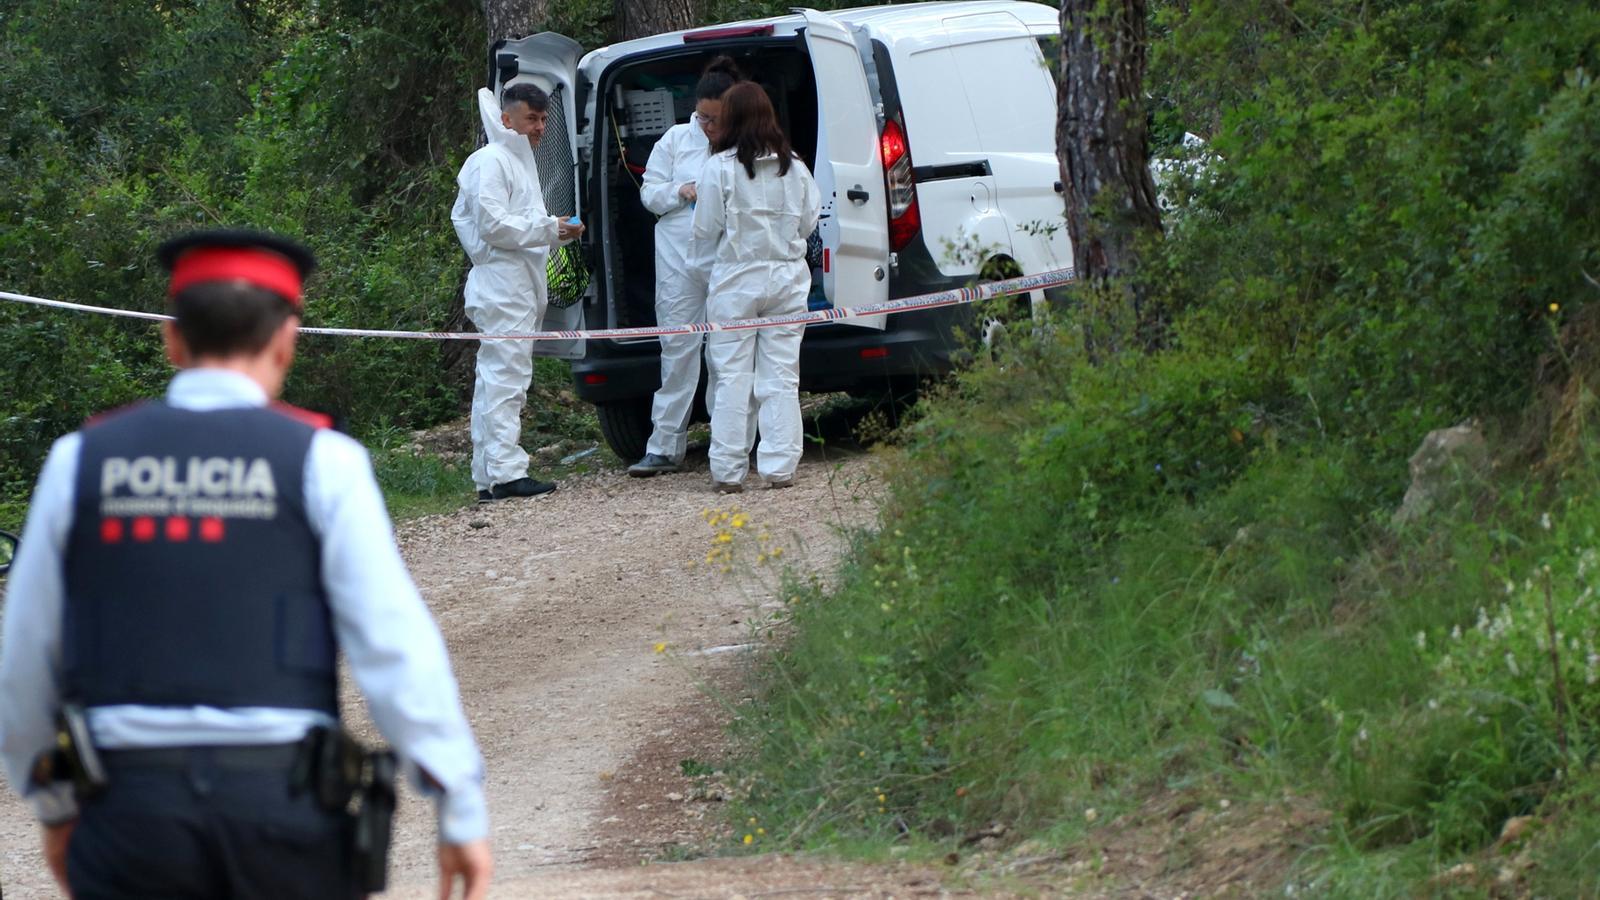 Assassina o inductora? El crim de la Guàrdia Urbana arriba a judici amb el dubte de l'autoria